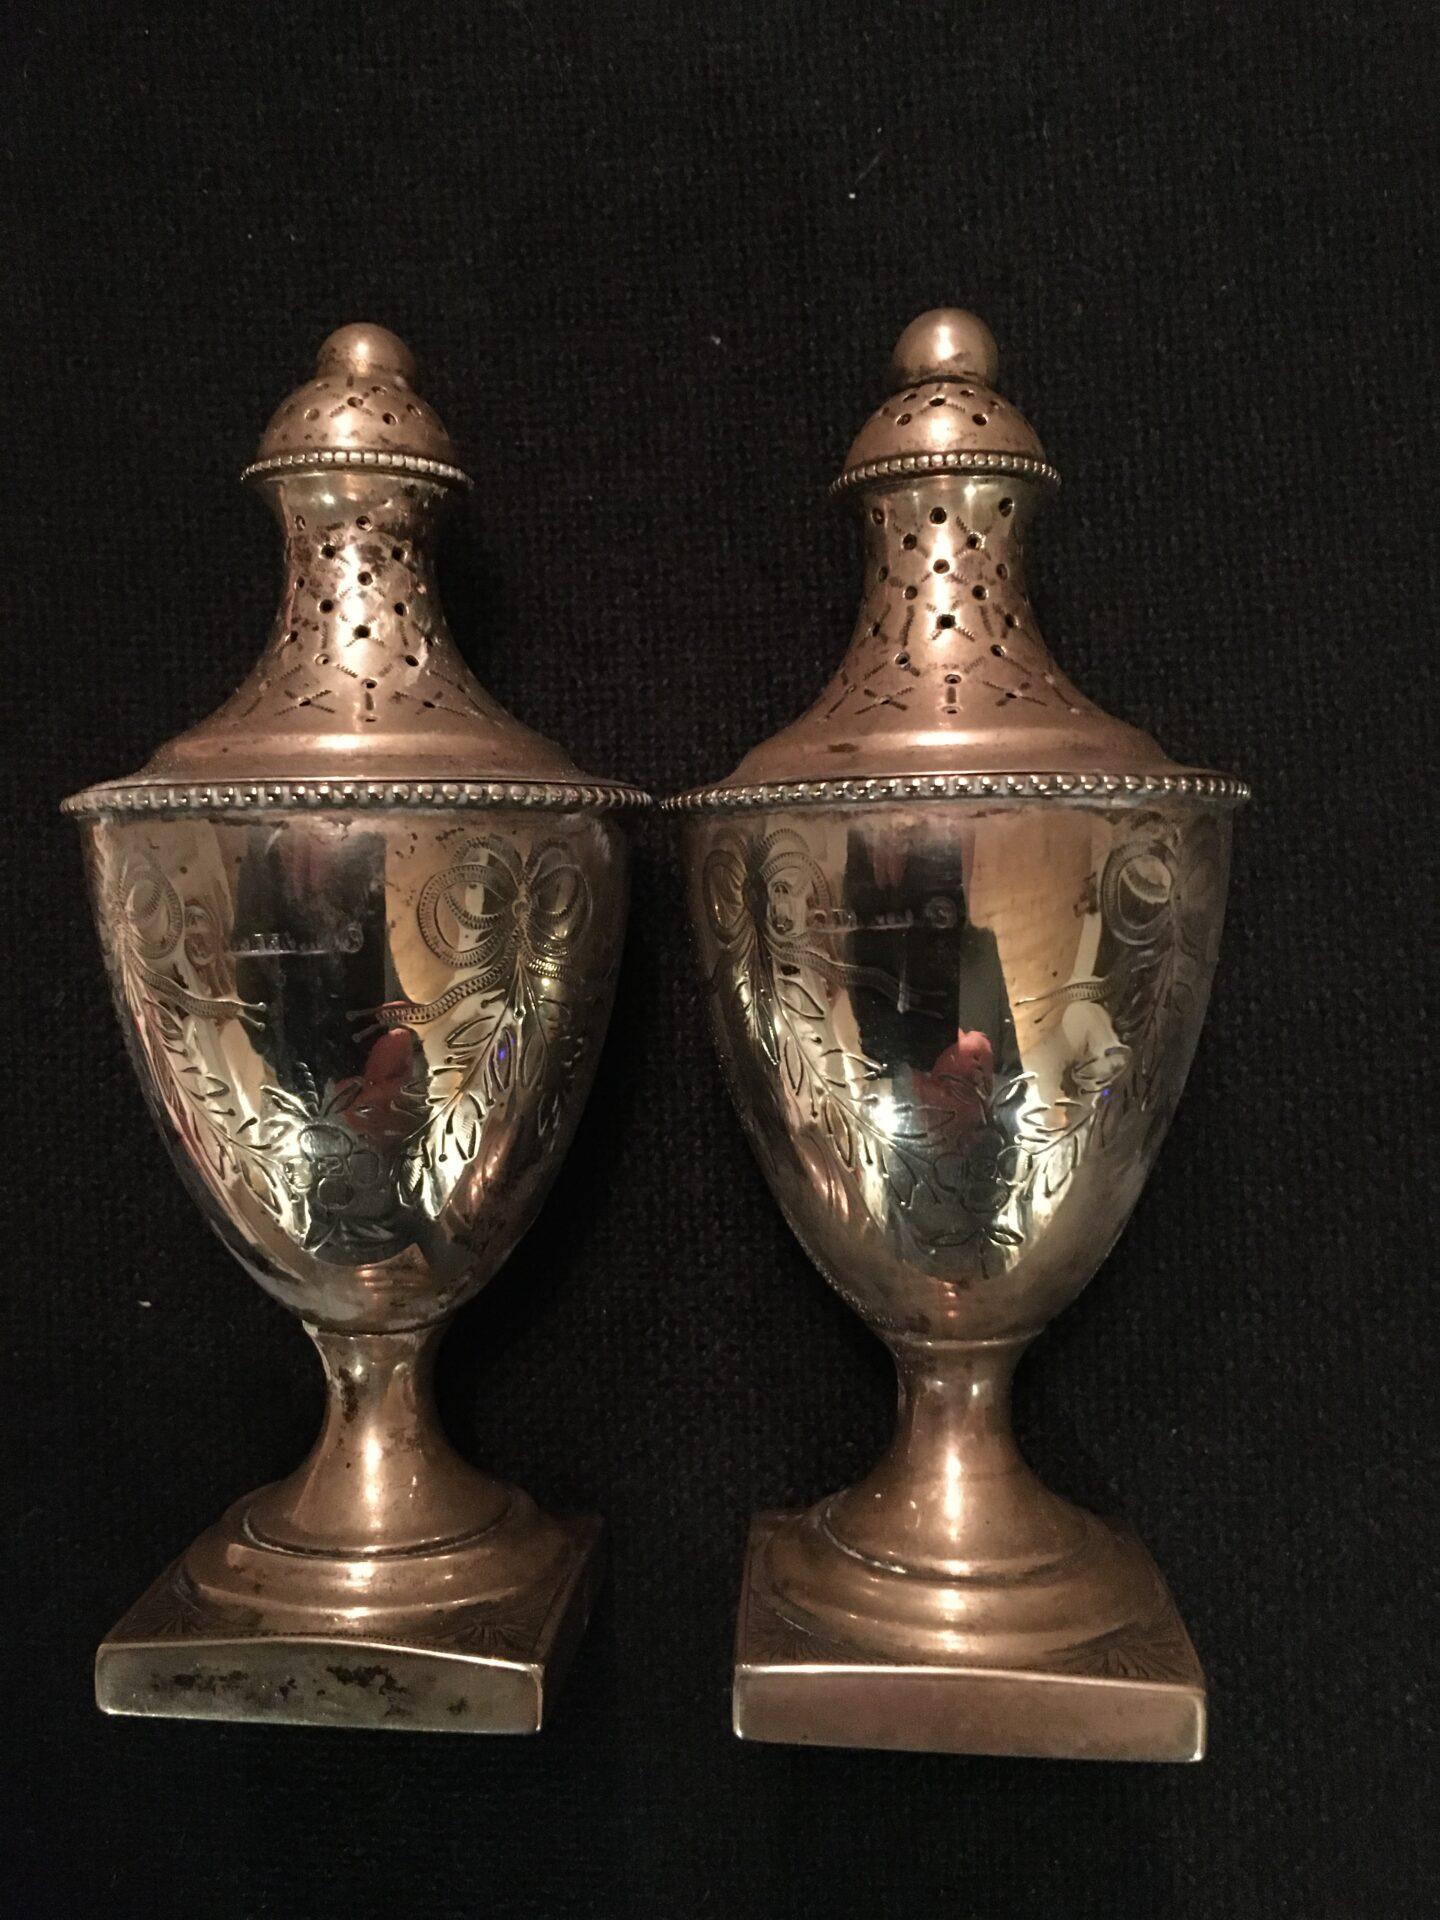 2 stk empire strødåser, h= 13 cm, 1800-tallet, stemplet L.Berth + 3 tårne+??. I alt 1500kr